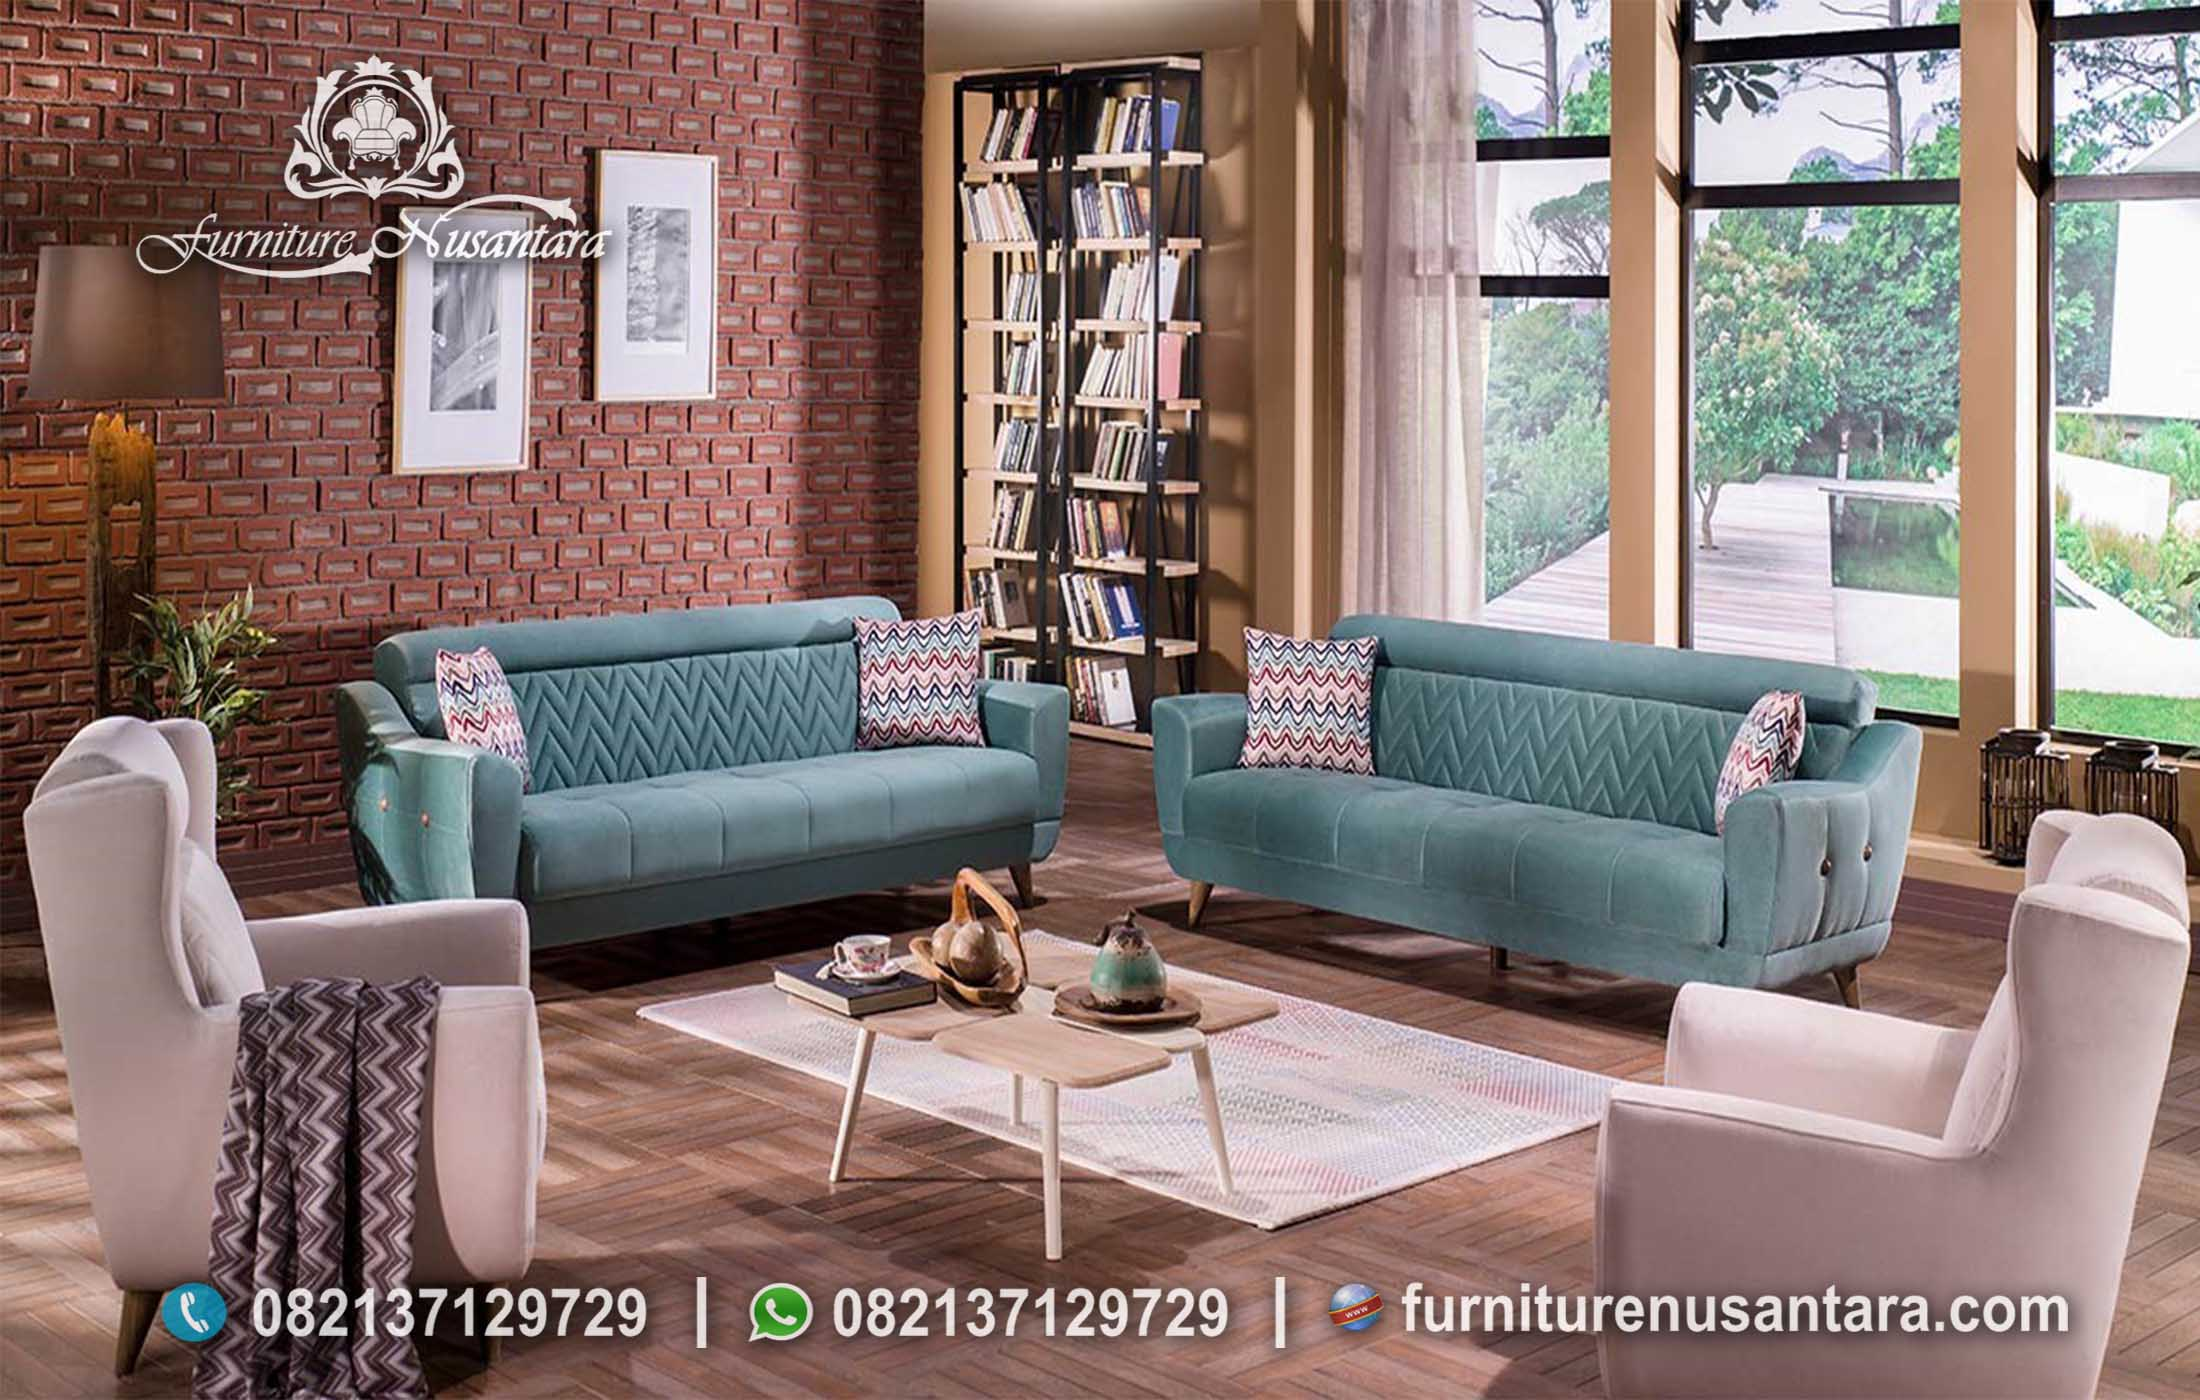 Jual Sofa Minimalis Murah Elegan ST-36, Furniture Nusantara